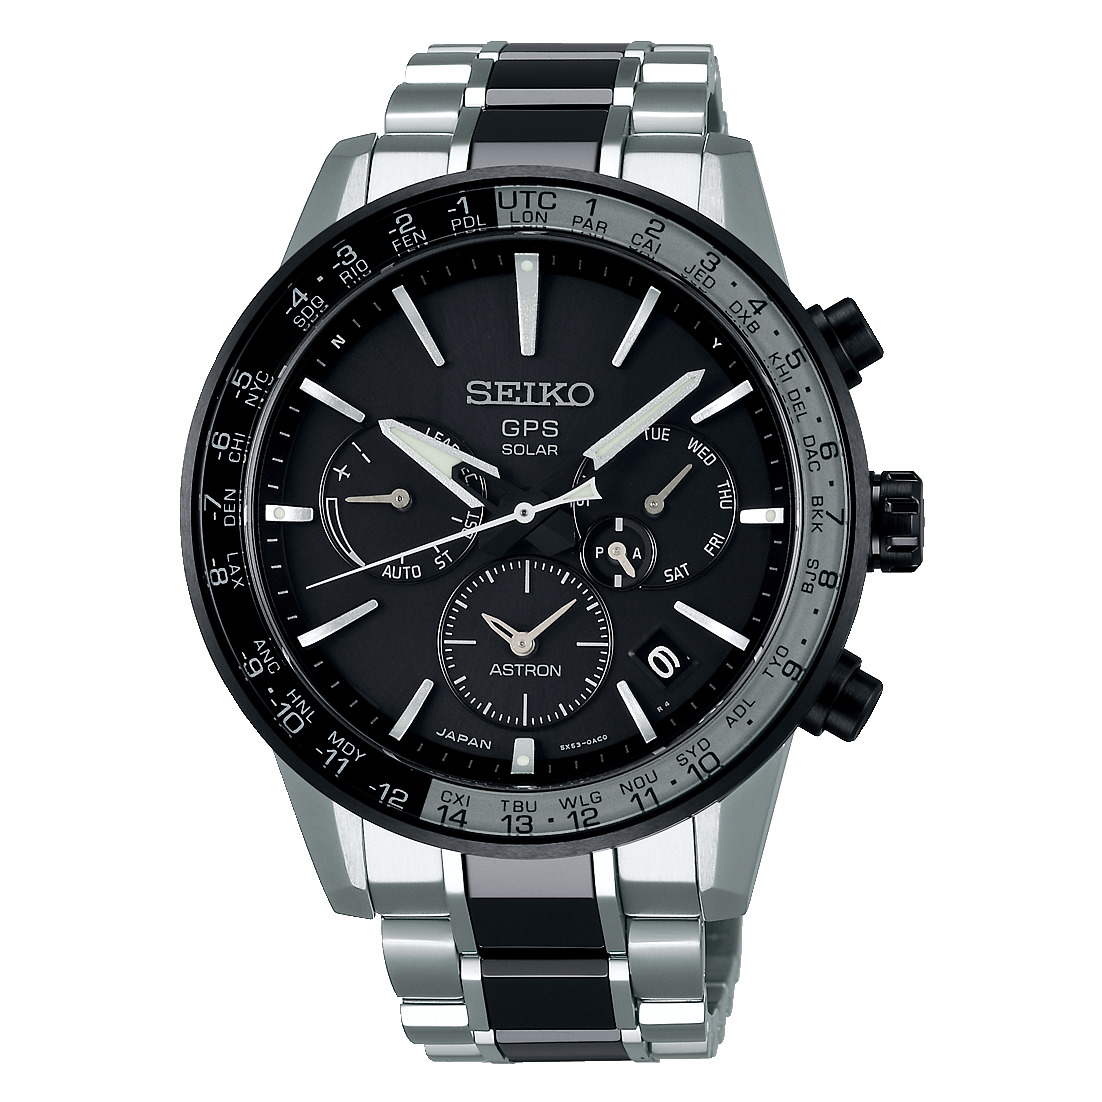 アストロン ASTRON セイコー SEIKO SBXC011 5xシリーズ 正規品 腕時計